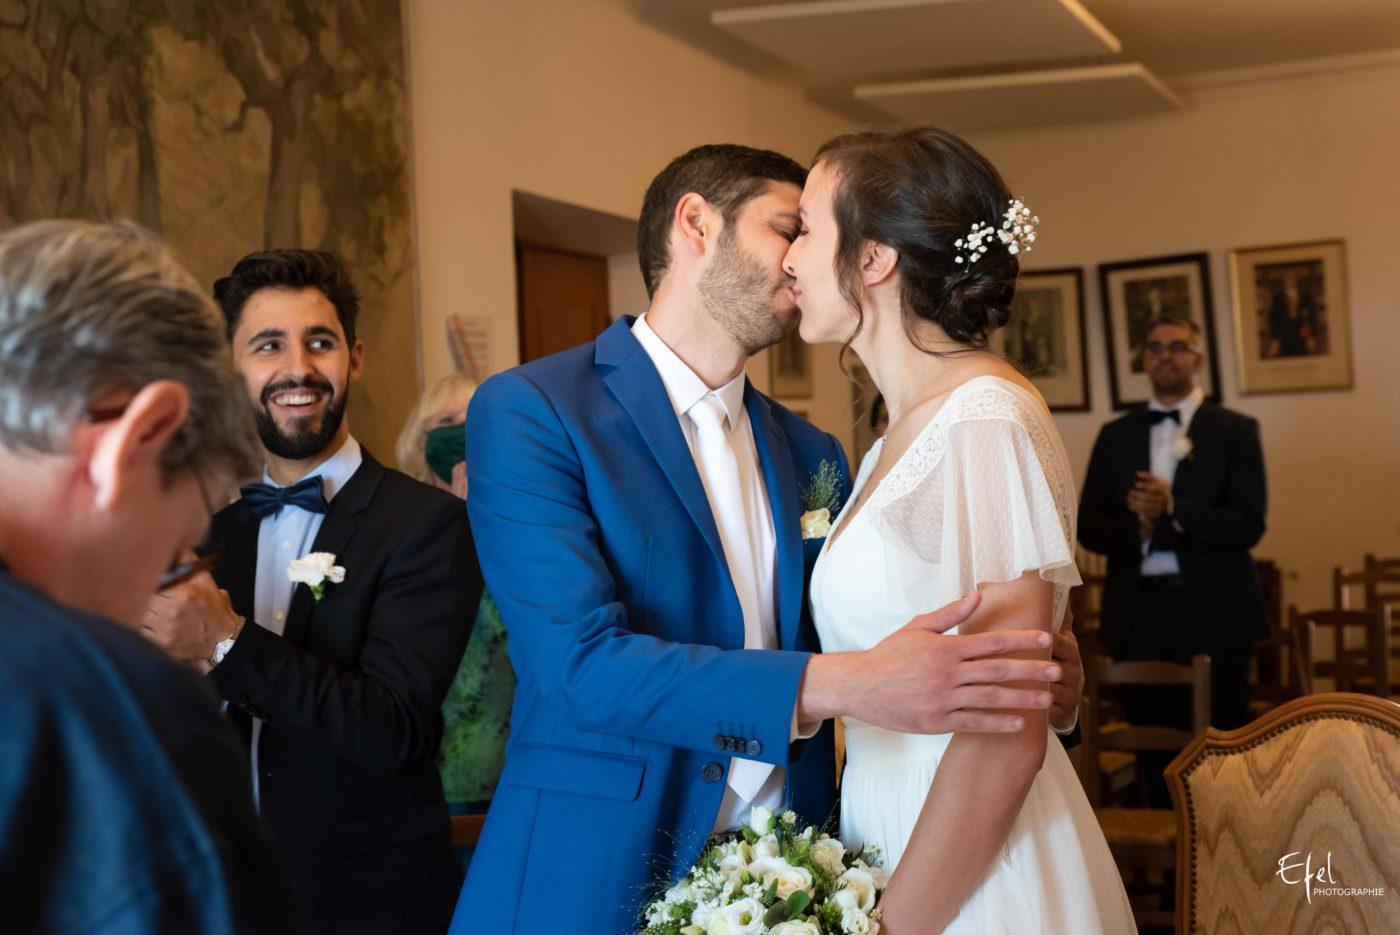 mariés qui s'embrassent pendant la cérémonie civile - mariage à Gap, dans les hautes alpes et en région PACA